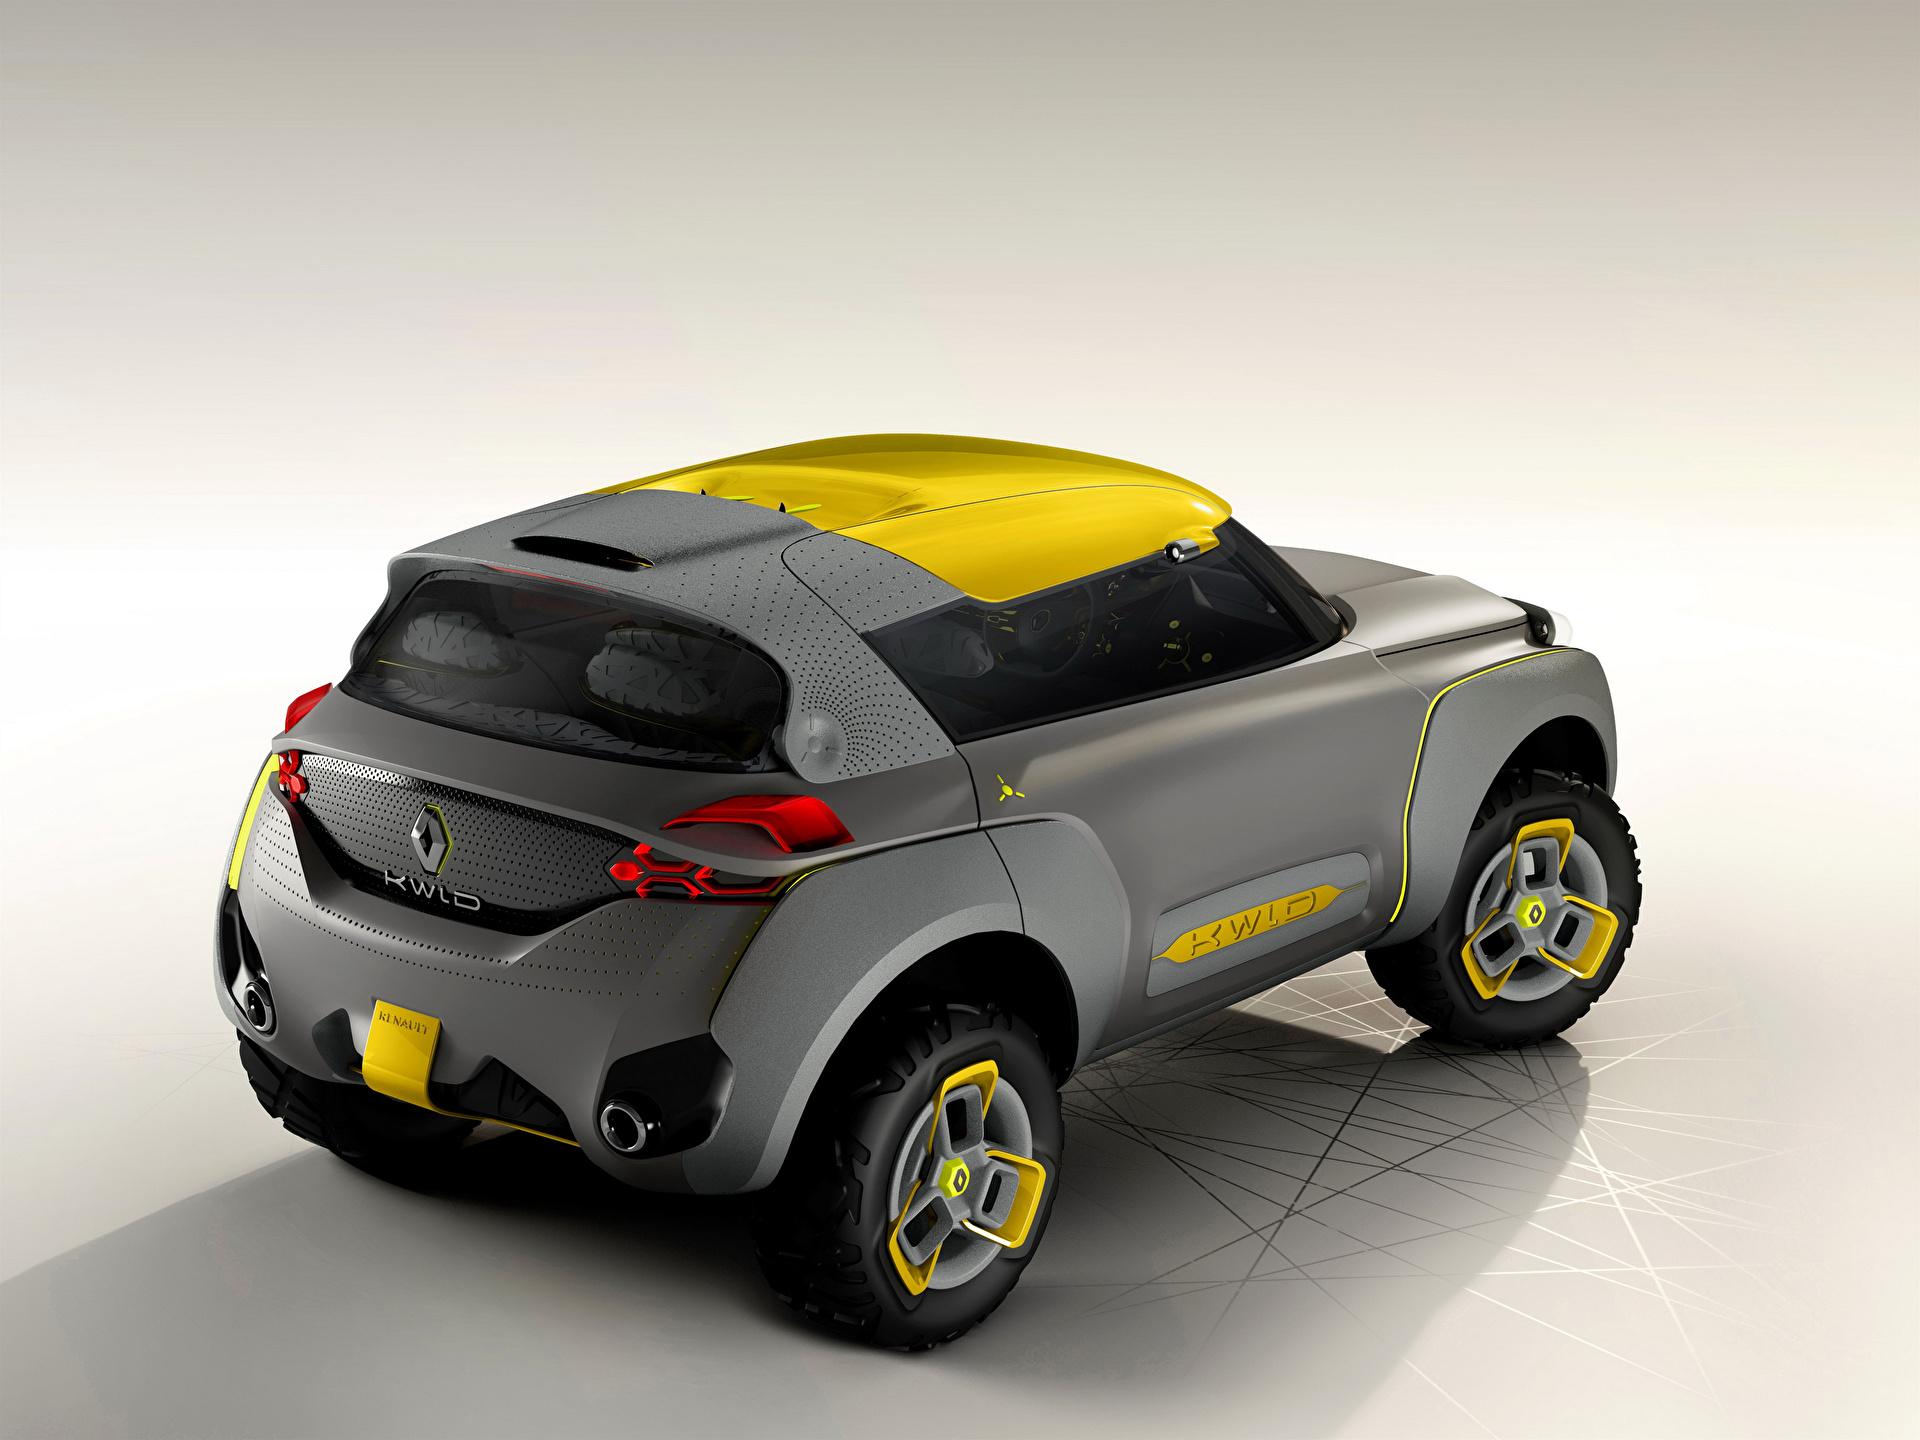 Картинки Renault 2014 Kwid серые Сзади автомобиль 1920x1440 Рено Серый серая авто машина машины вид сзади Автомобили